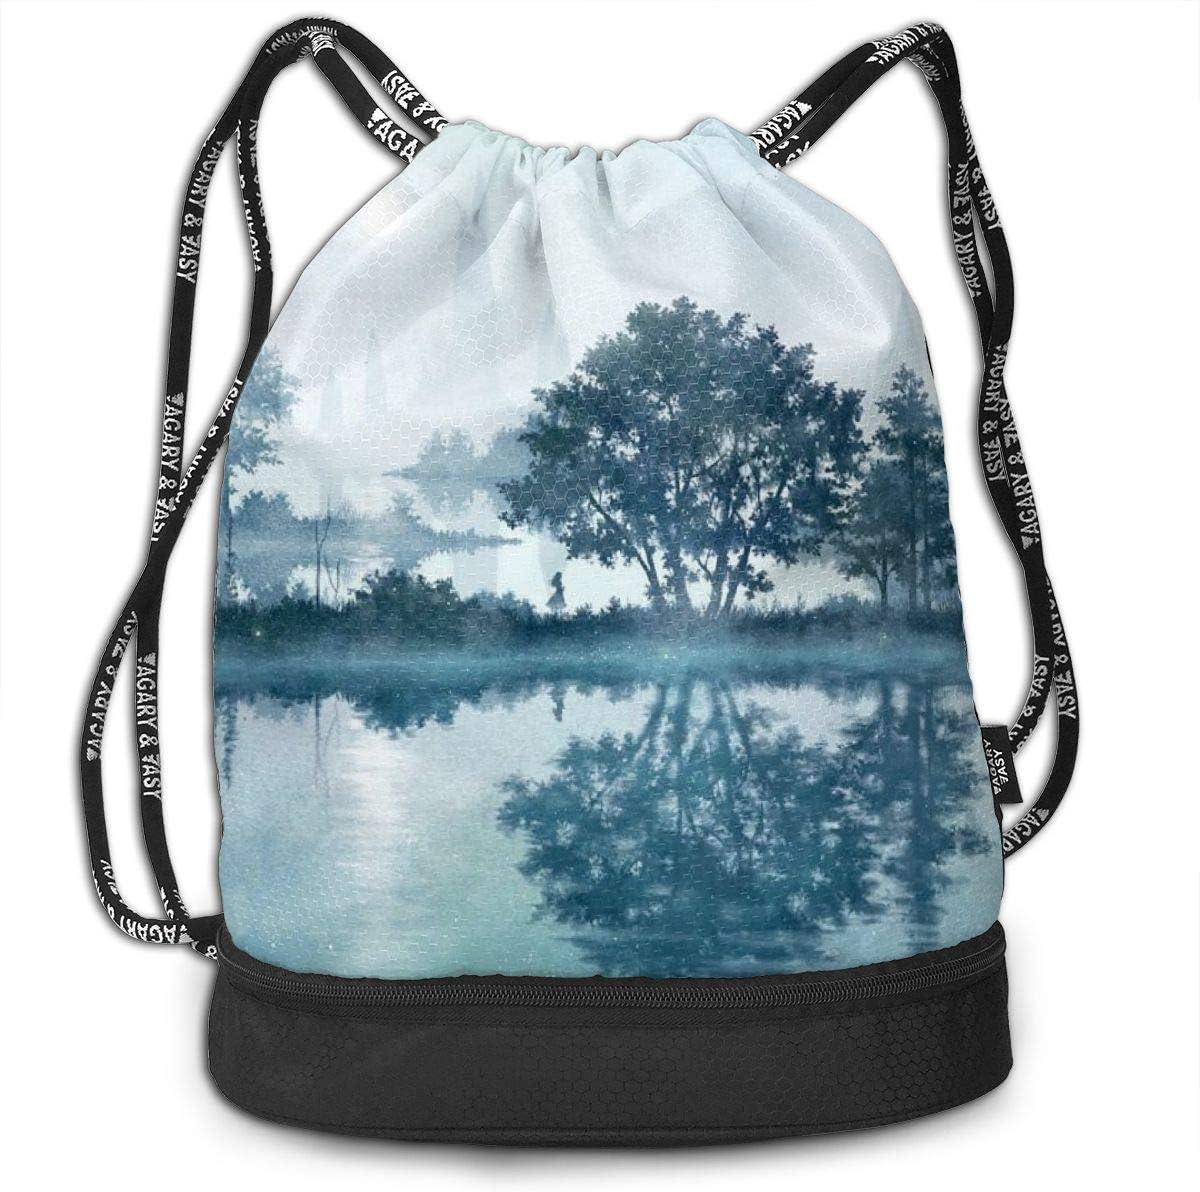 Women Fog Trees Mountain Printed Sackpack Kji Gym Sack Drawstring Bag Sport Cinch Pack Backpack for Men